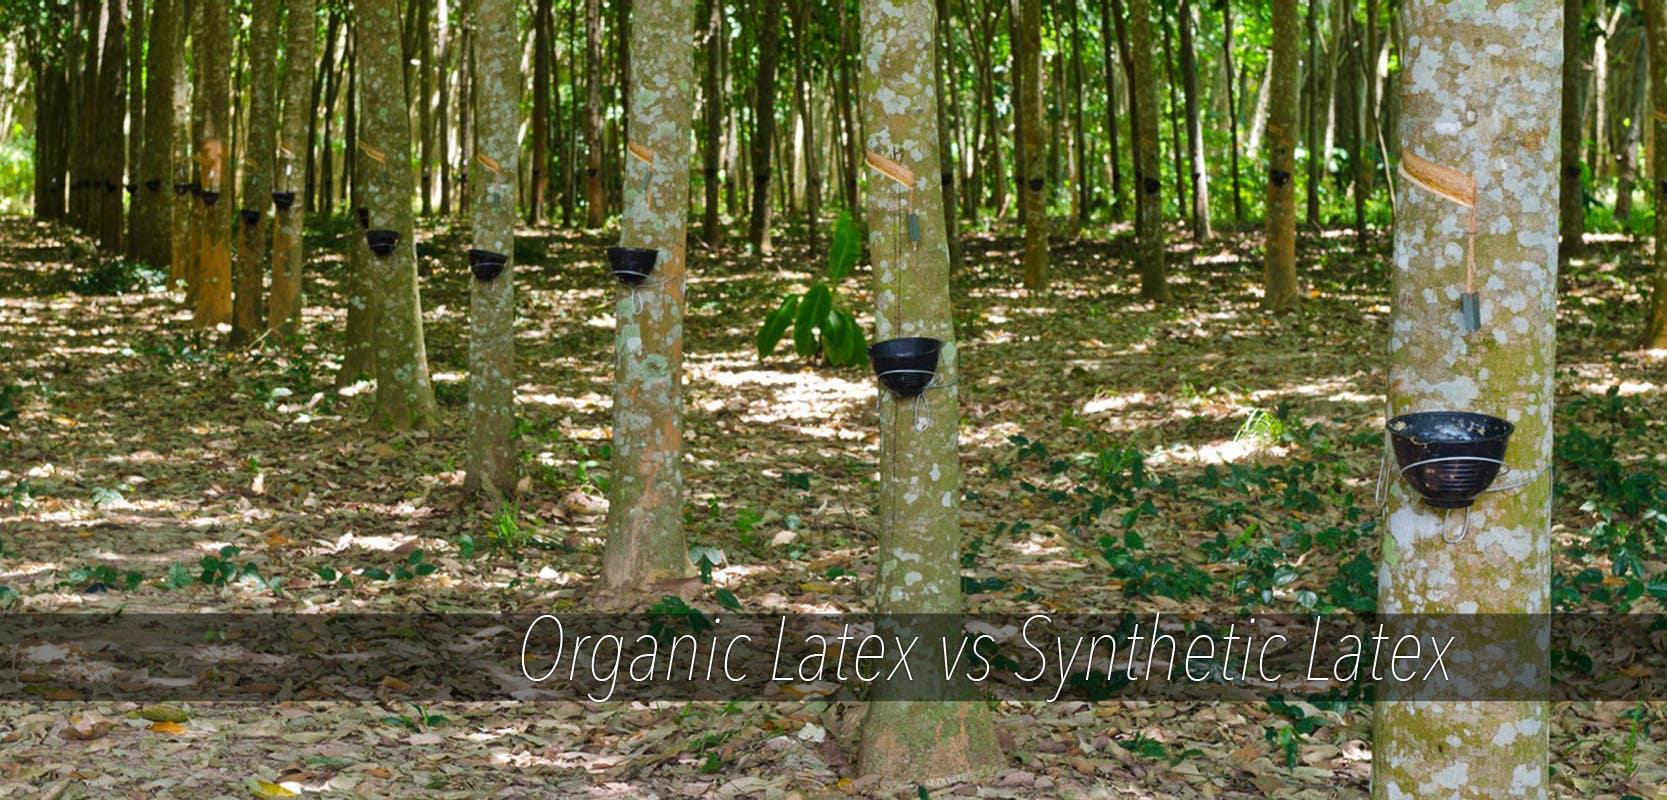 Natural Latex versus Synthetic Latex